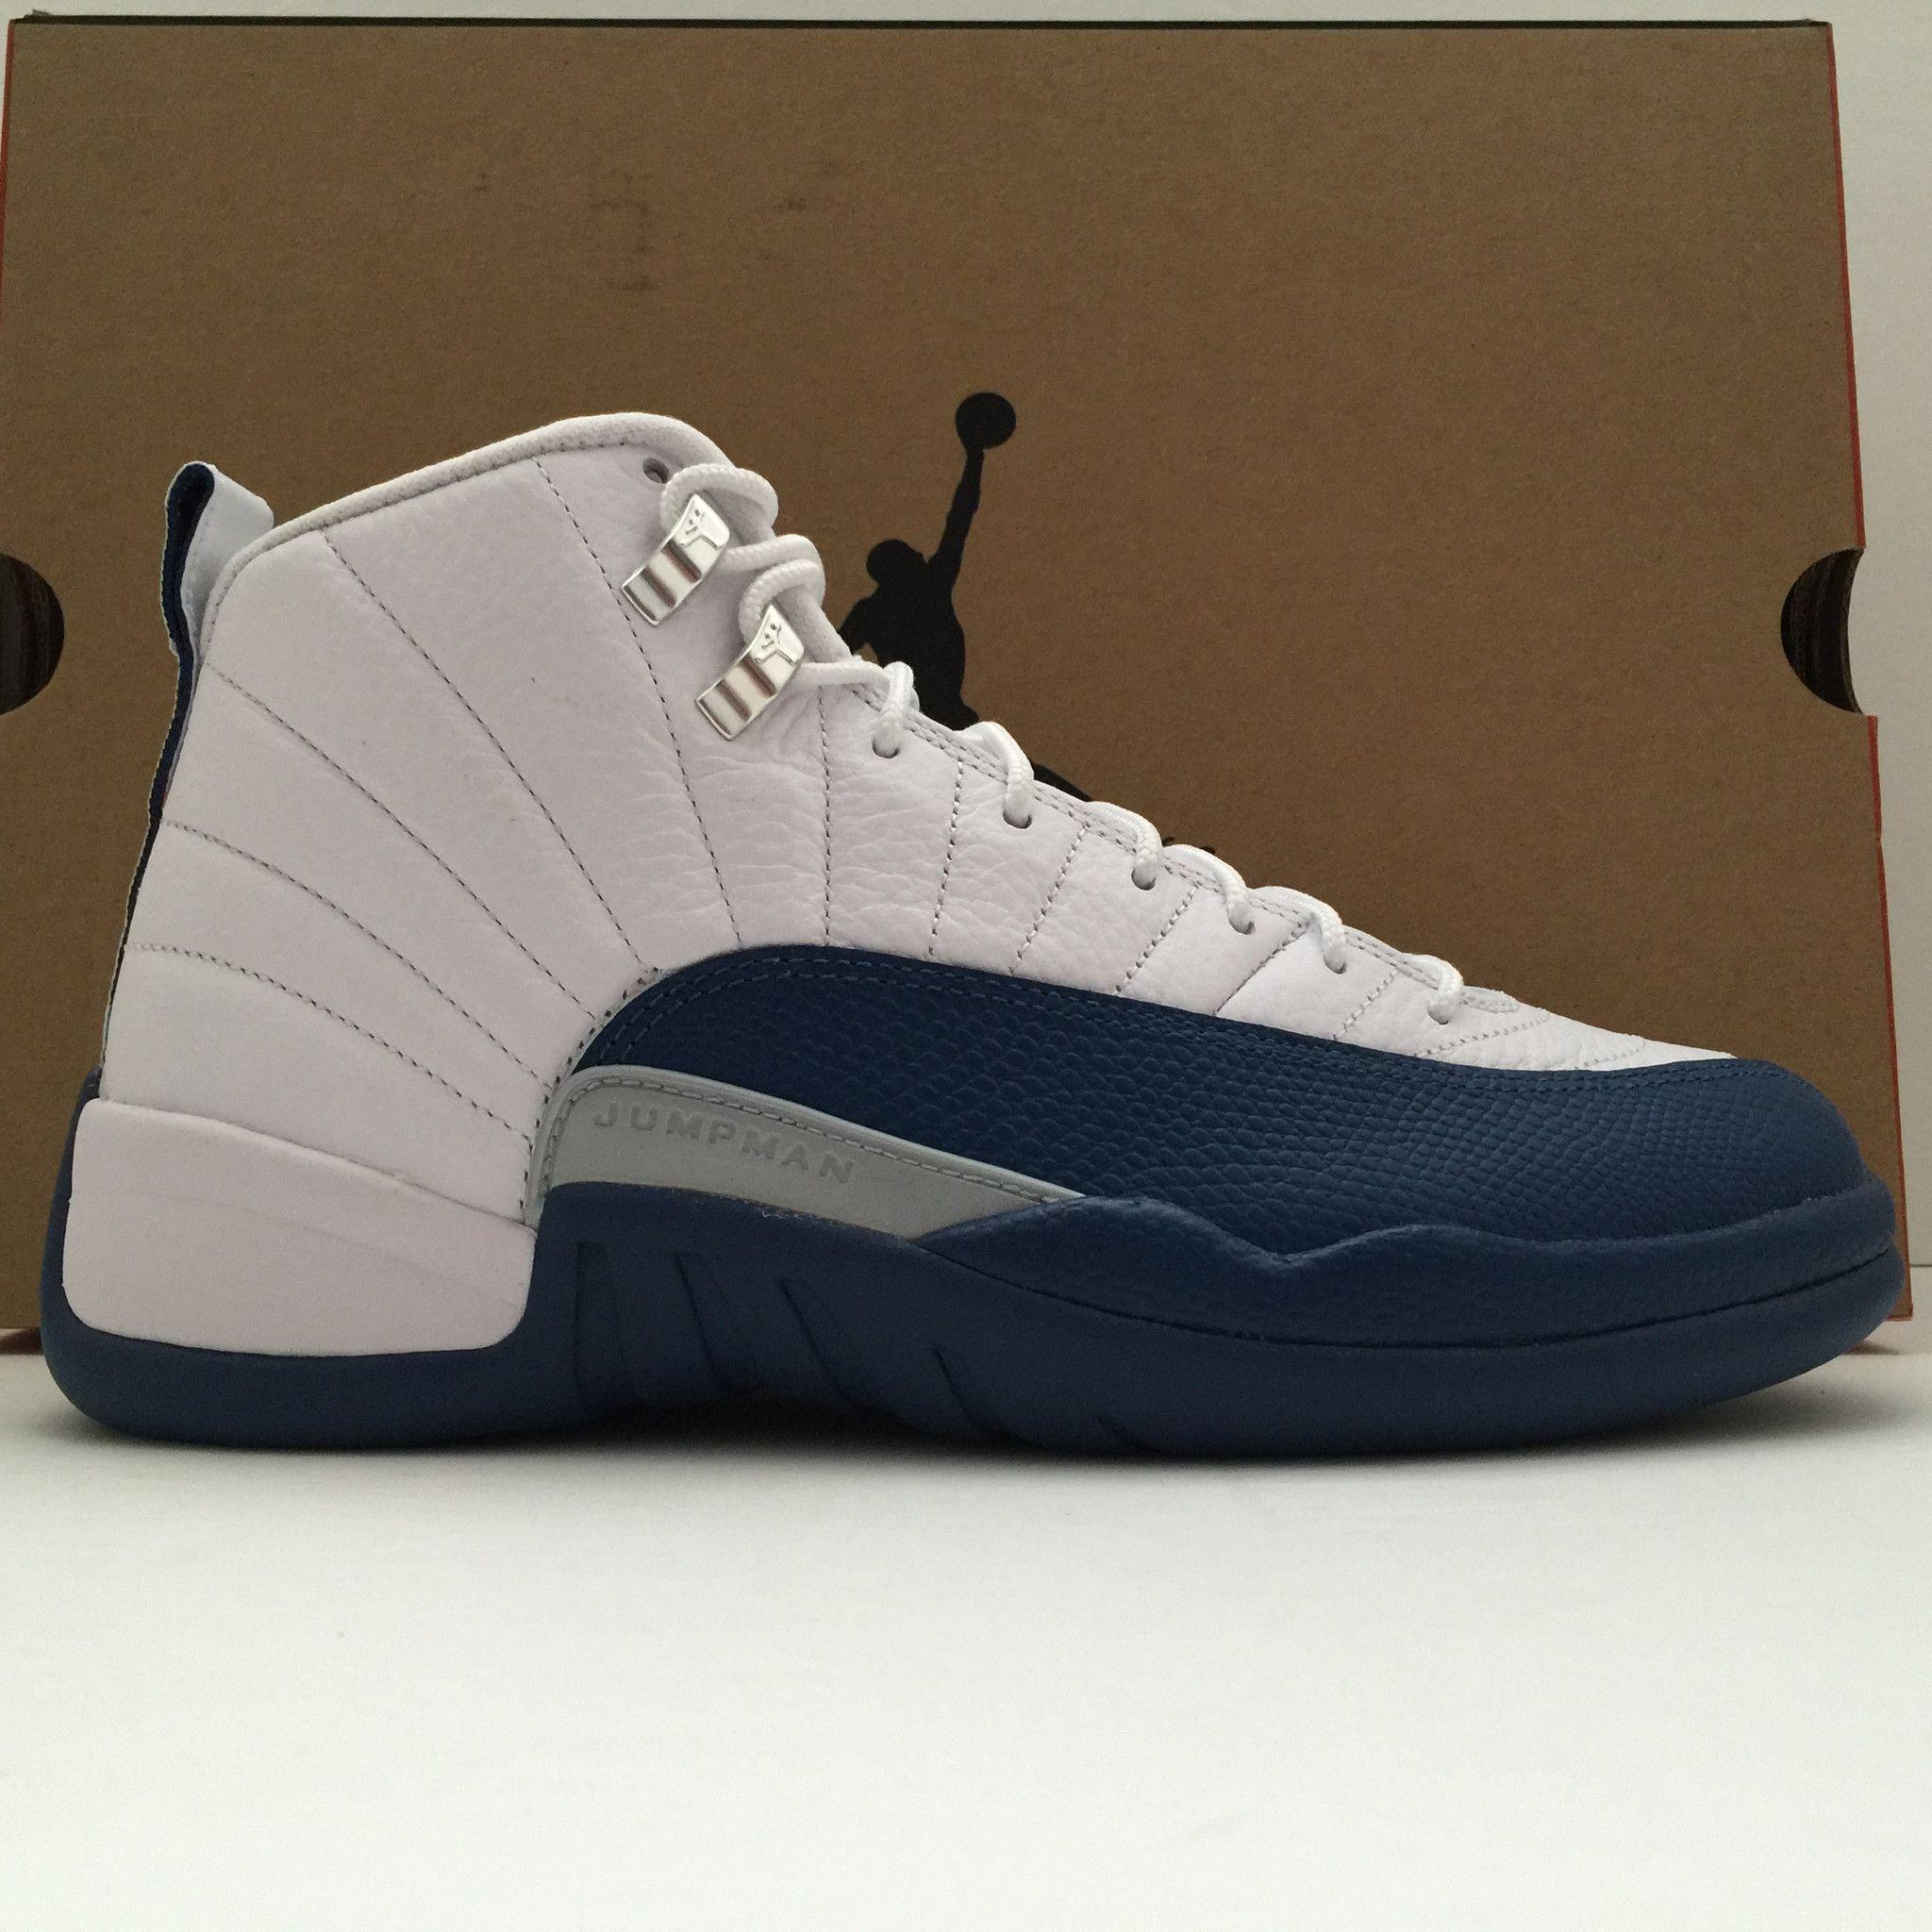 Michael Jordan Shoes New Releases | Shoe Of The Week : Air Jordan